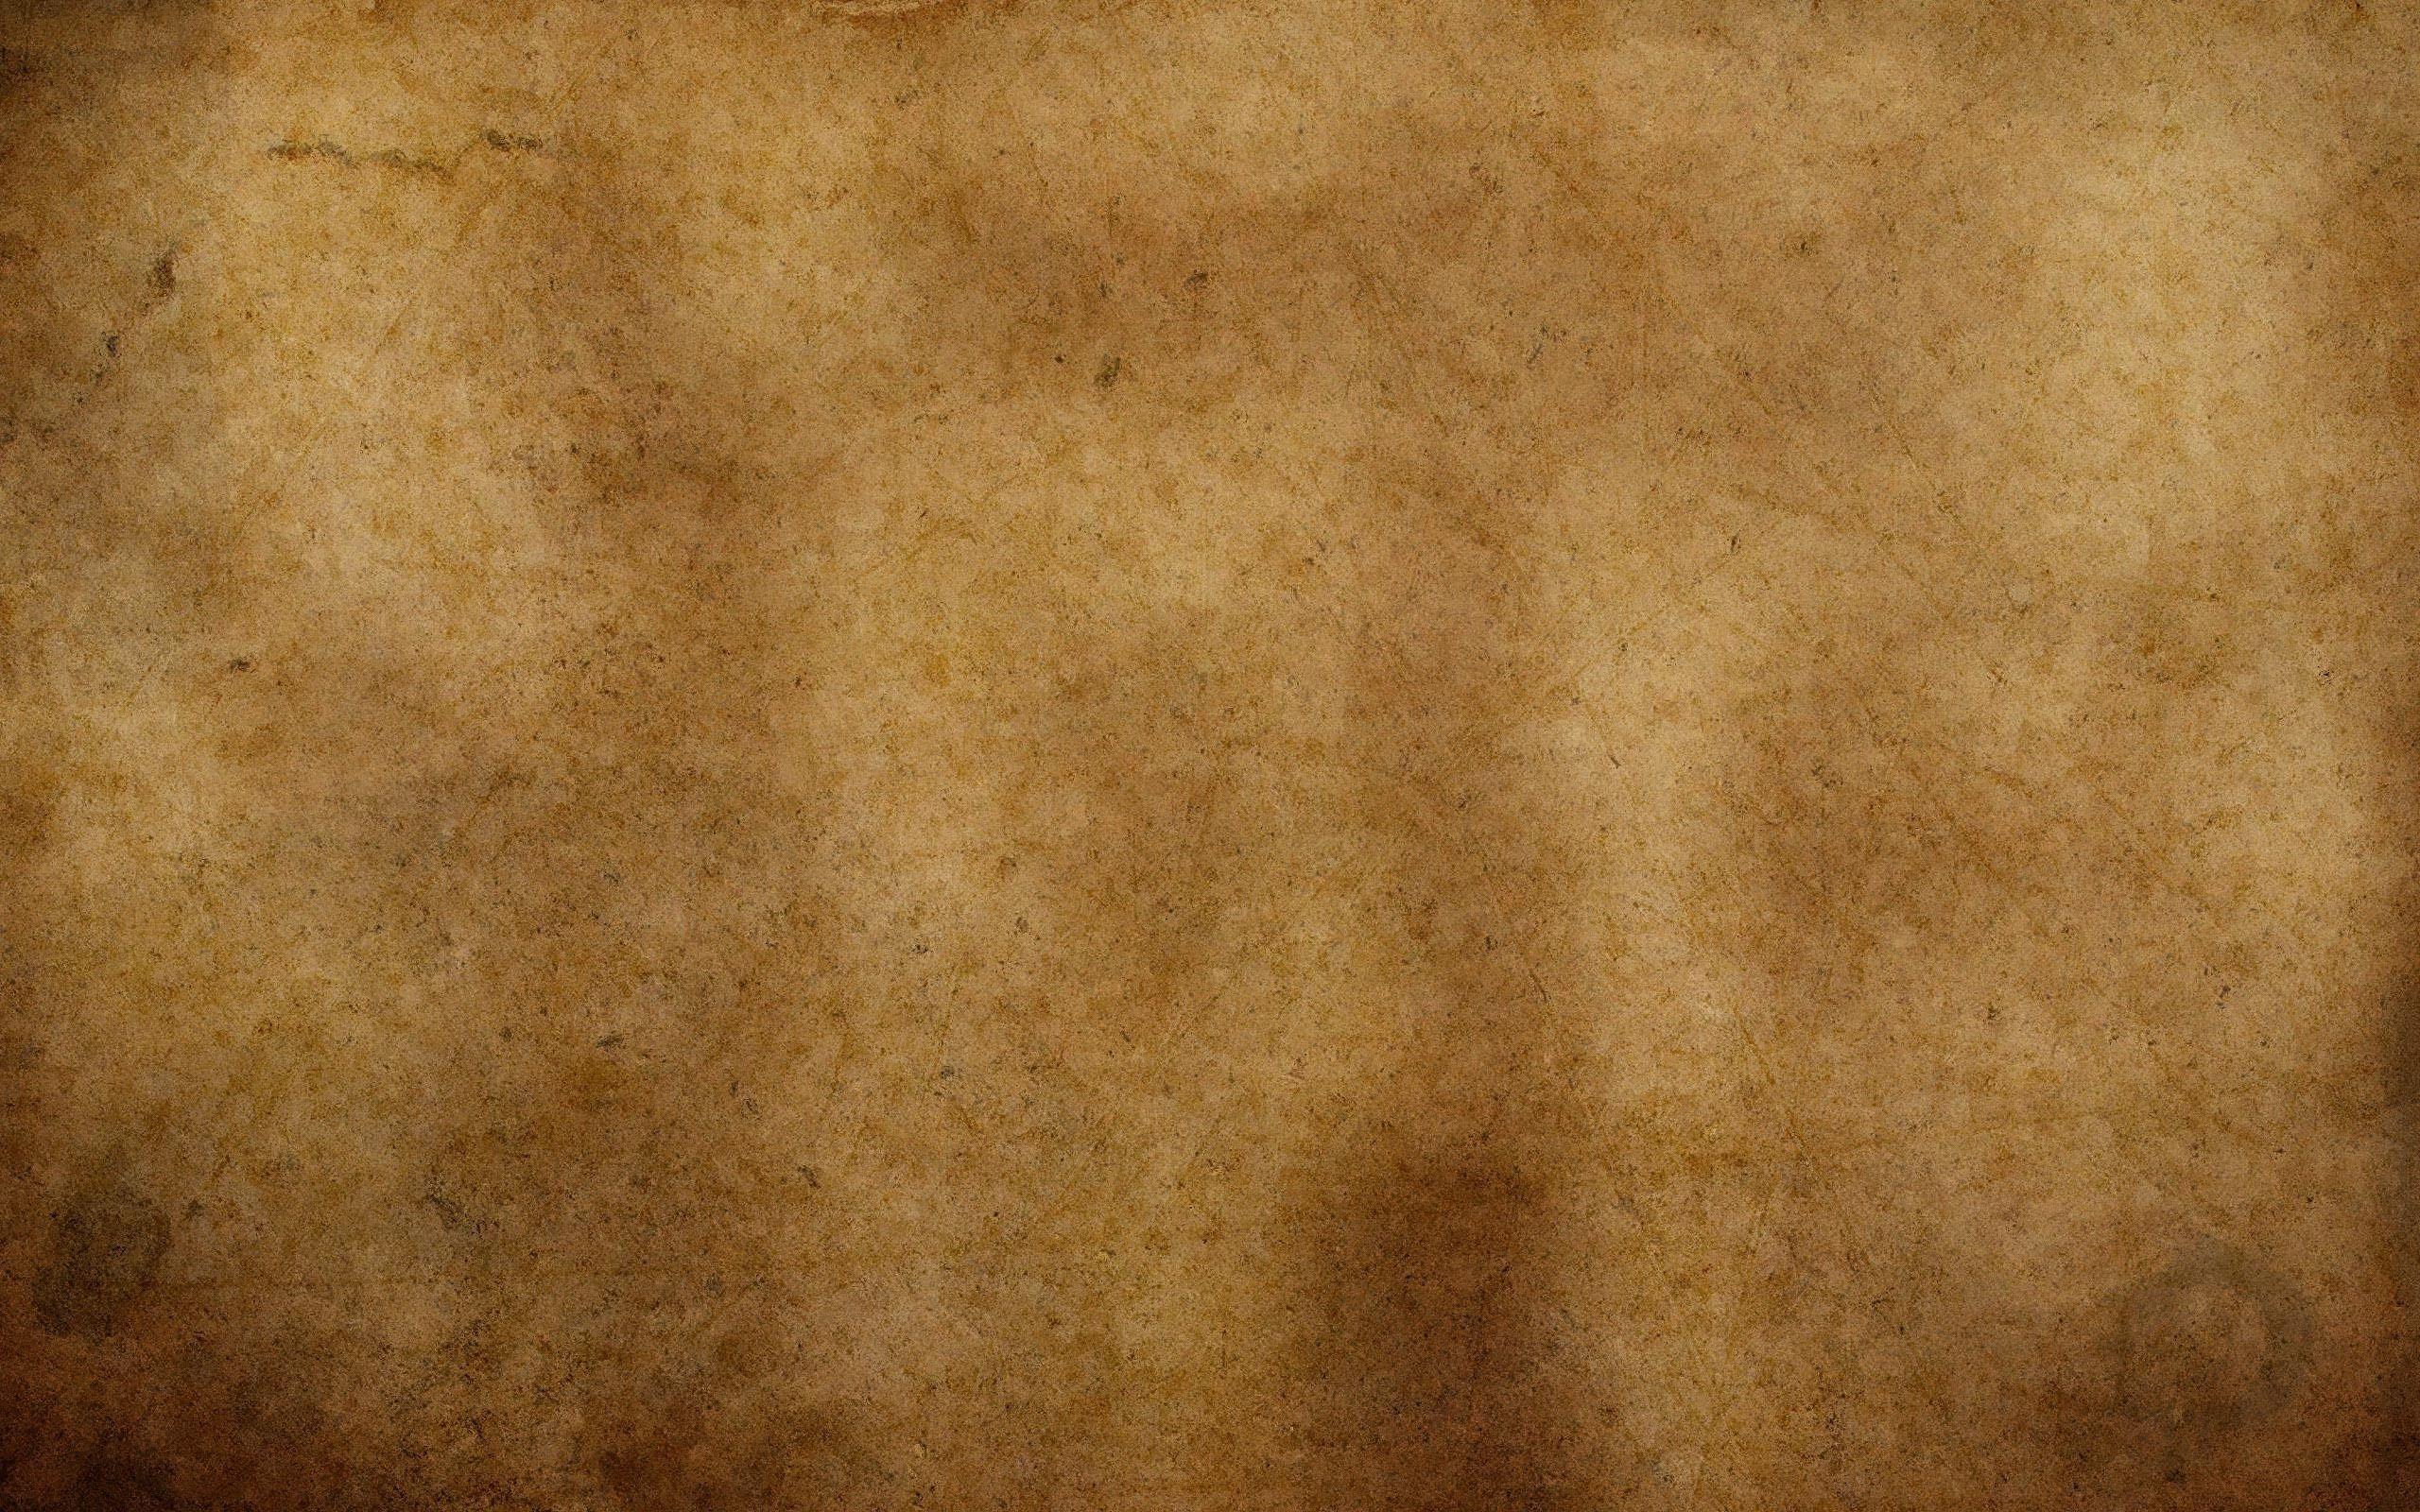 124705 économiseurs d'écran et fonds d'écran Textures sur votre téléphone. Téléchargez Textures, Contexte, Texture, Surface, Vieille, Vieux, Taches, Papier images gratuitement